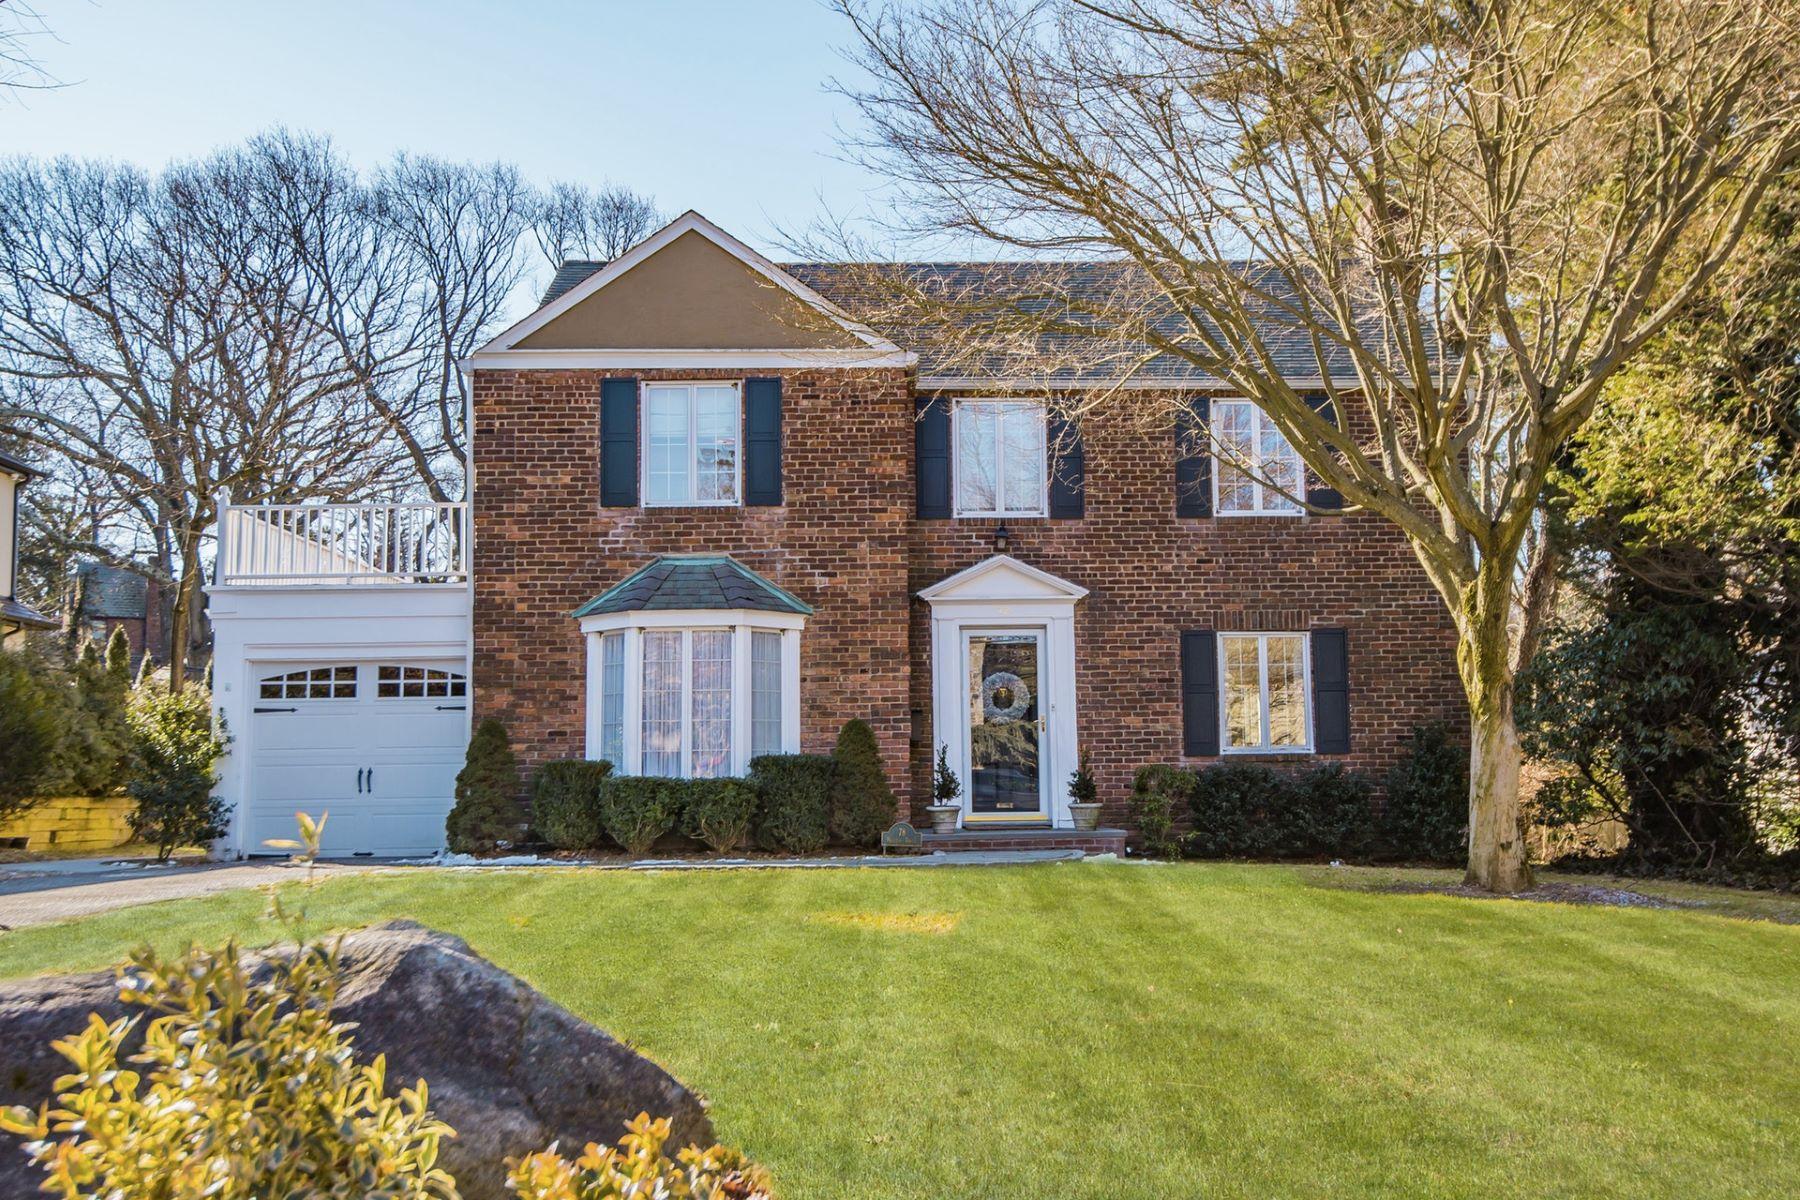 Частный односемейный дом для того Продажа на 78 Hilltop Dr , Manhasset, NY 11030 Manhasset, Нью-Йорк, 11030 Соединенные Штаты